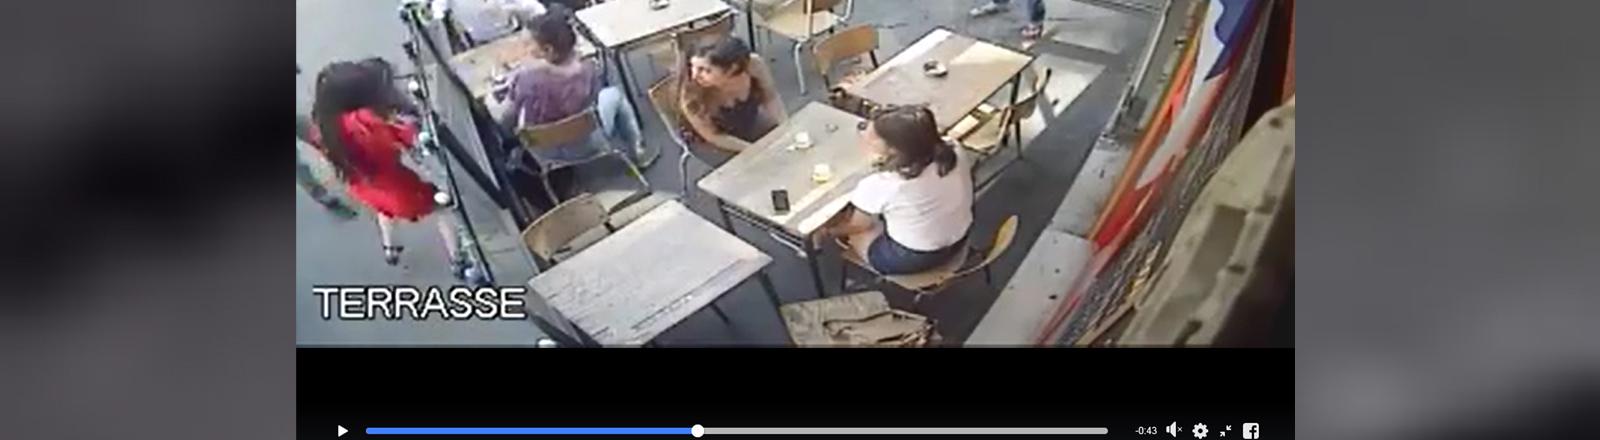 Menschen in einem Café. Eine Frau wird angegriffen.